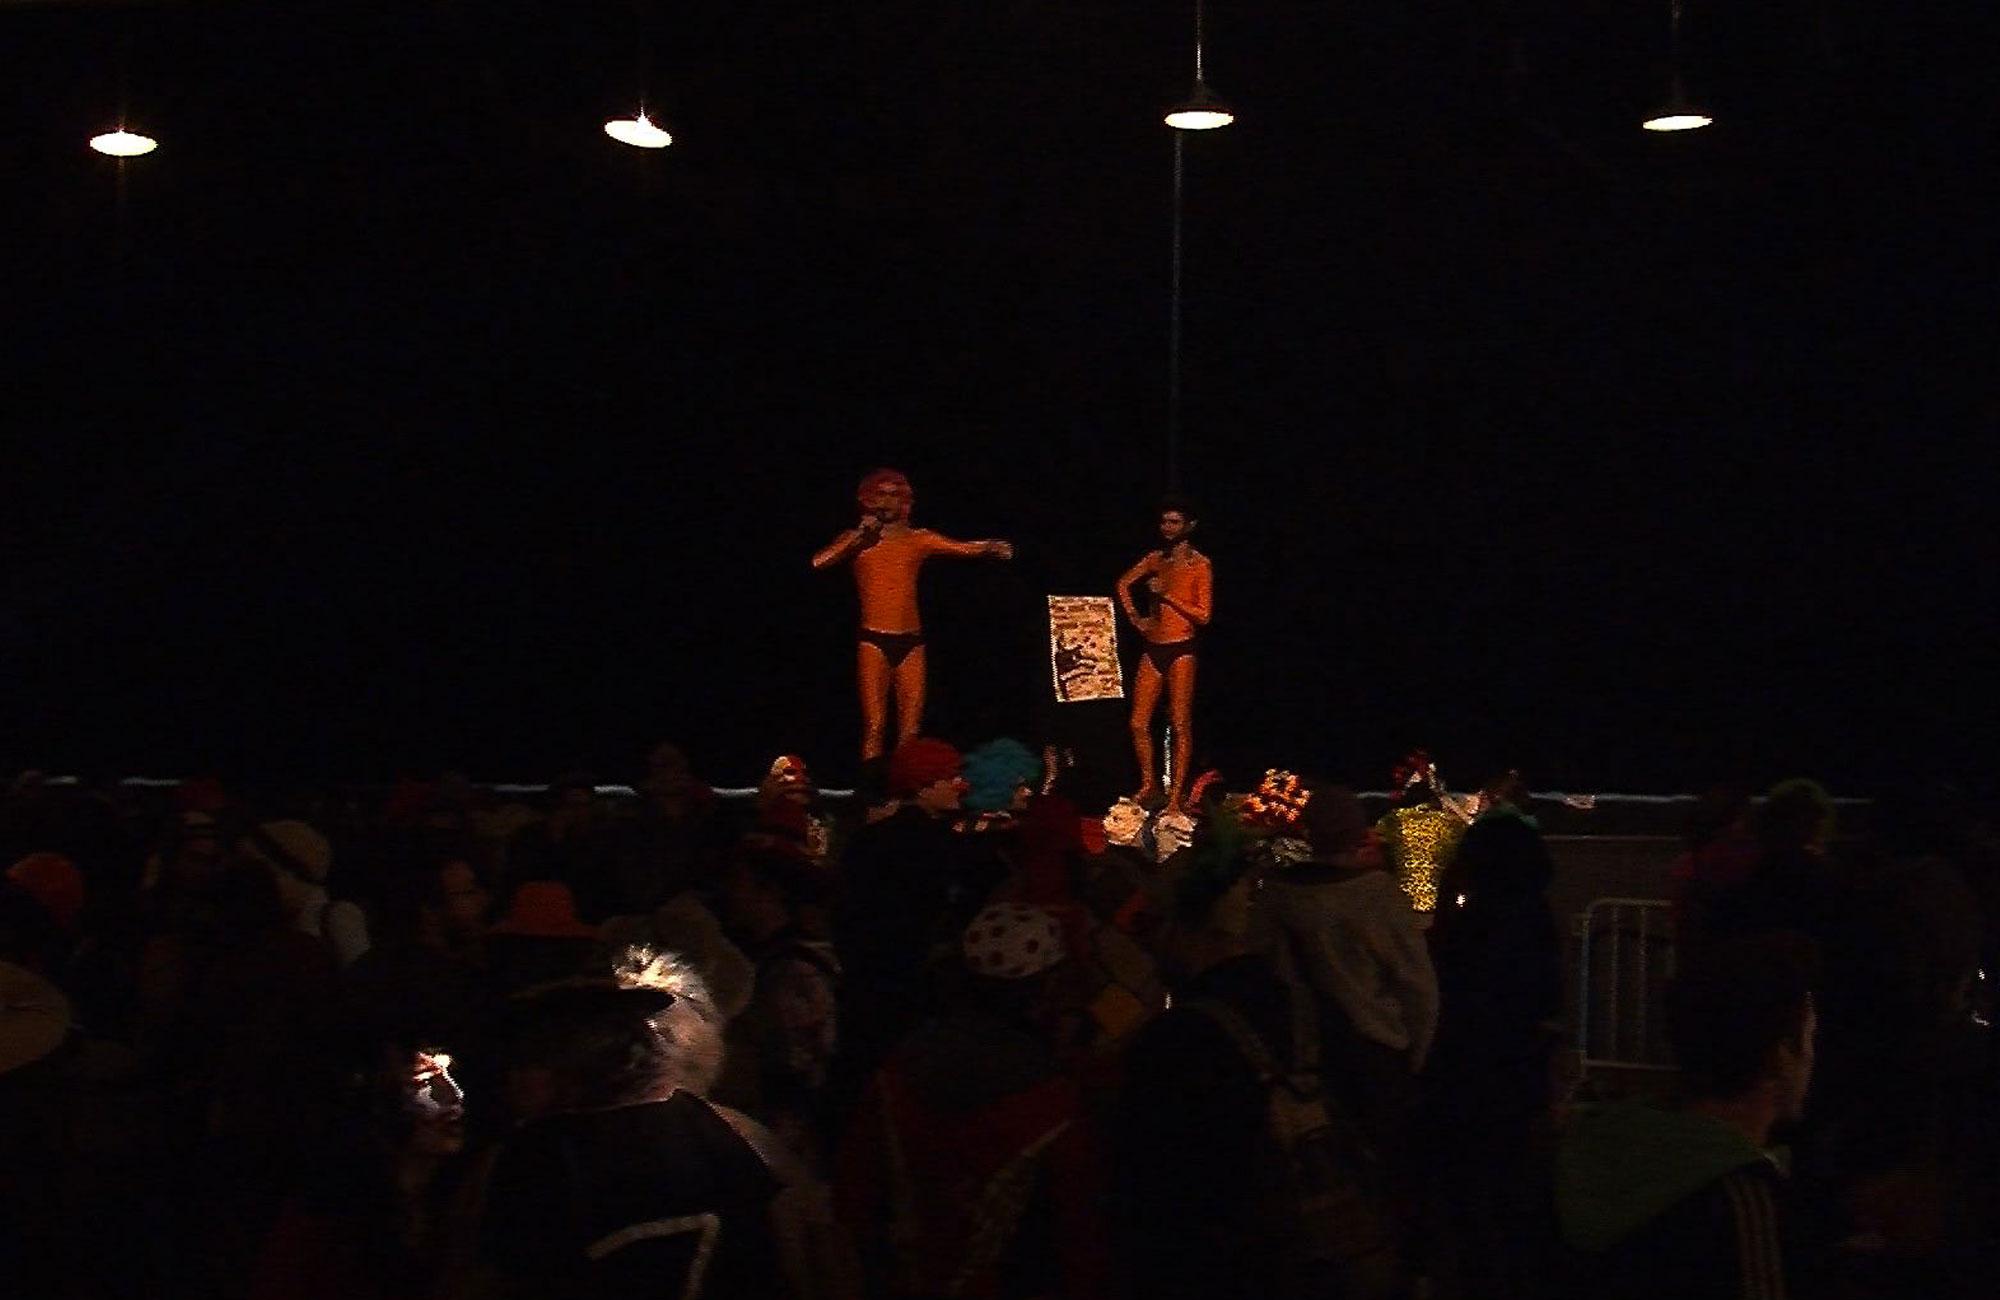 Aïtana Design, Caroline Viollier, graphisme, direction artistique, création graphique, design graphique, branding, Biarritz, Paris, studio de création, exposition, maison du peuple, concert, politiciens clown